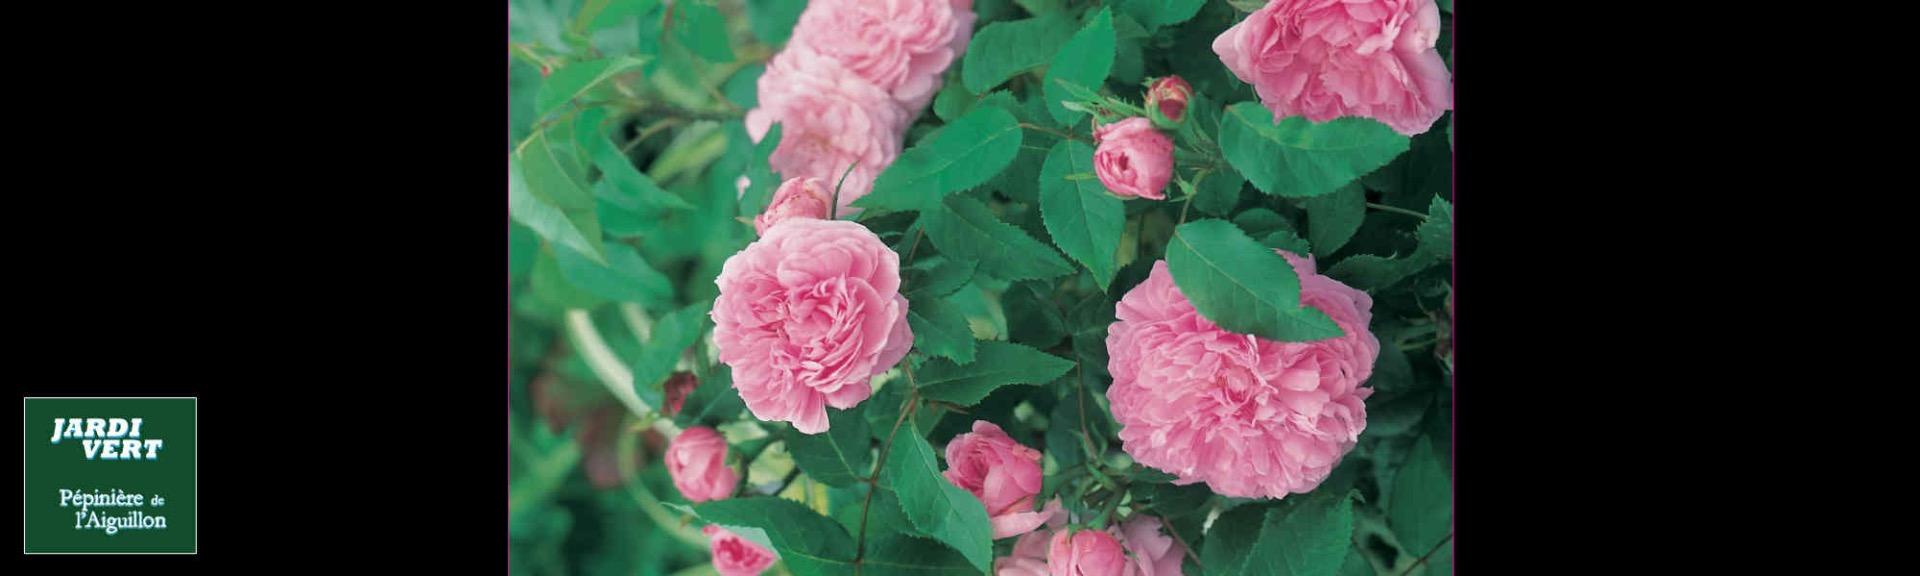 Vente de rosiers anciens remontant 'jacques cartier' parfumé - Jardinerie de l'Aiguillon Toulouse